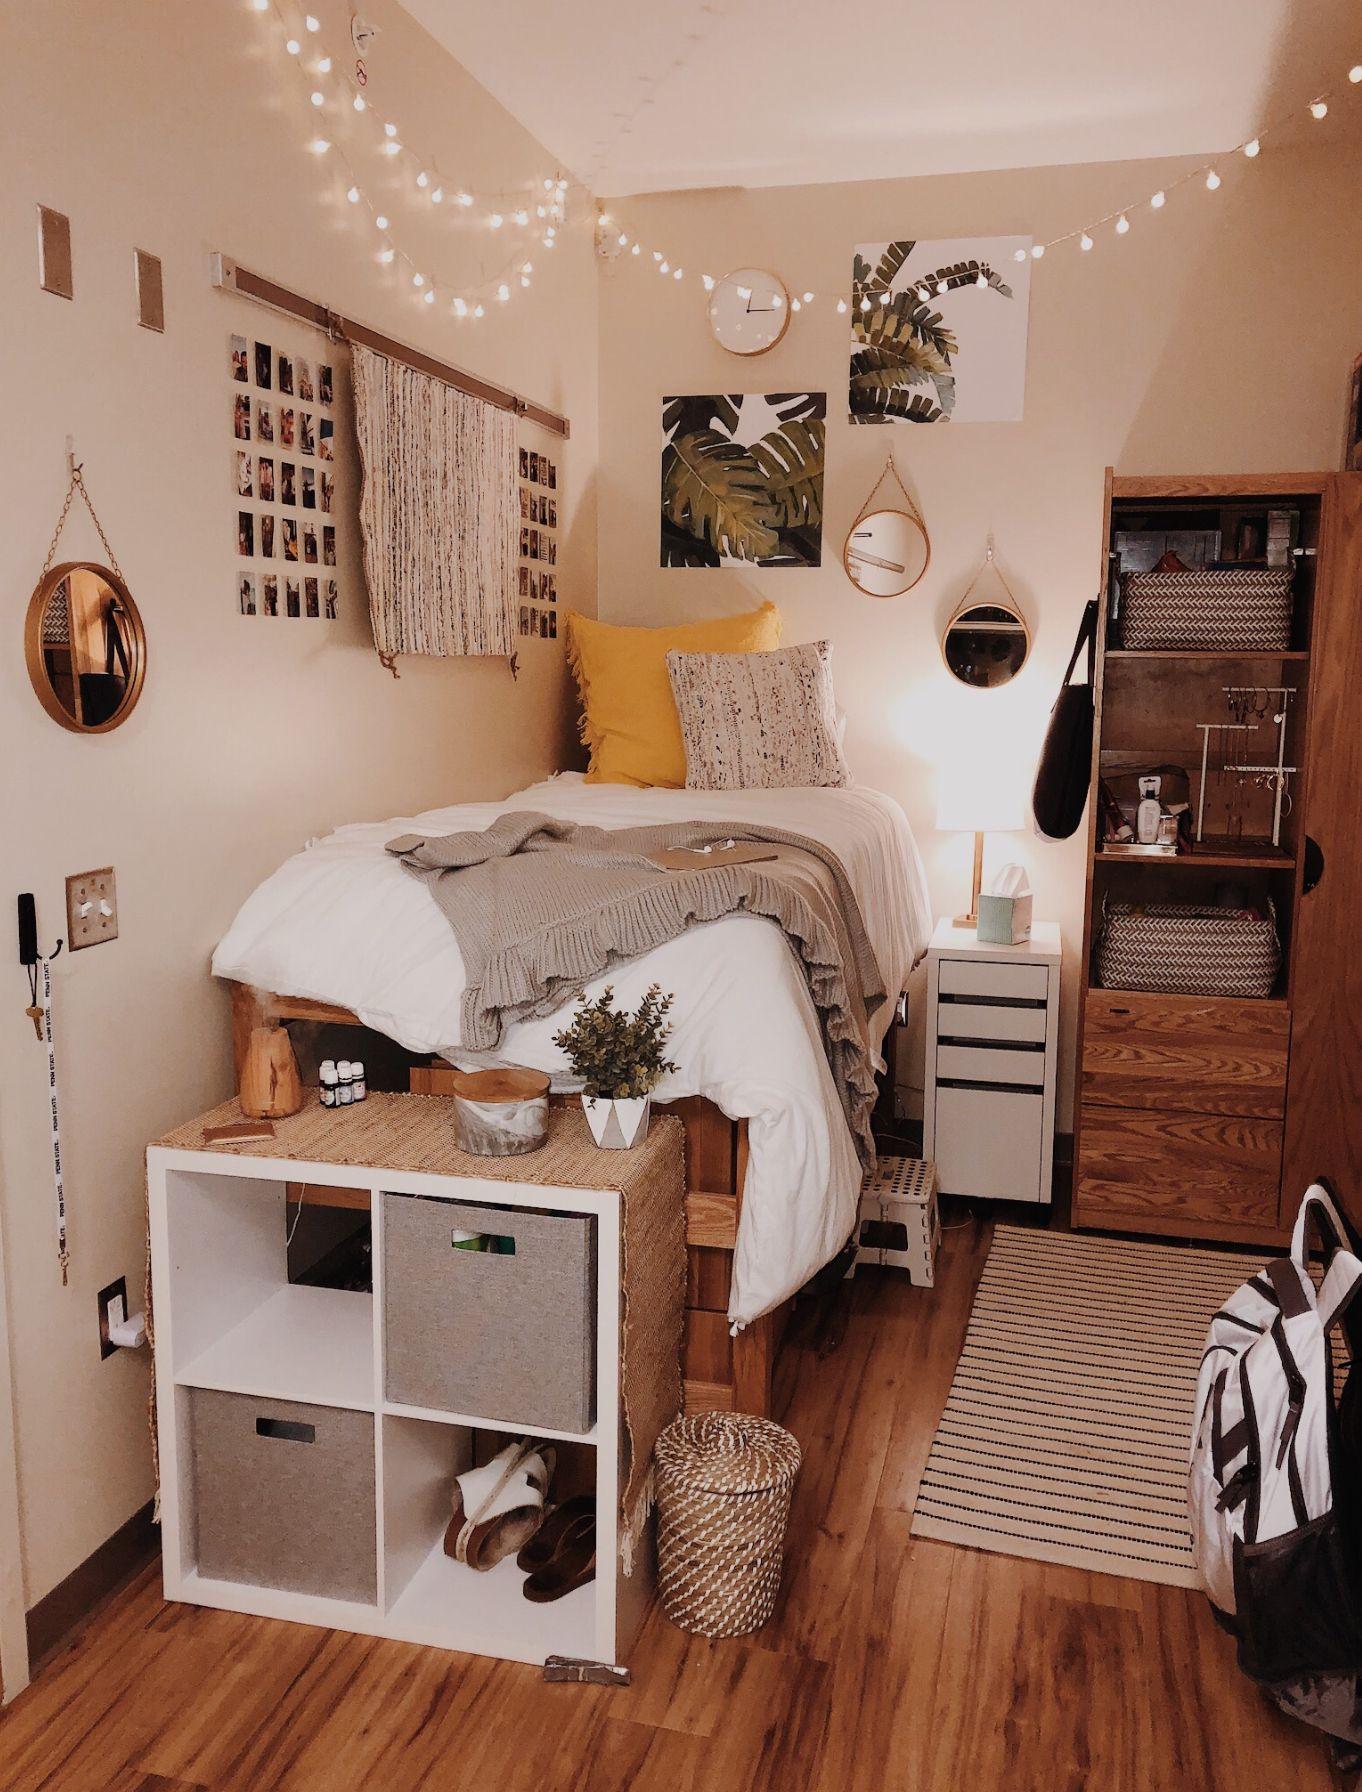 Vintage zimmer dekor ideen pin von kati auf wohnen  pinterest  schlafzimmer tumblr